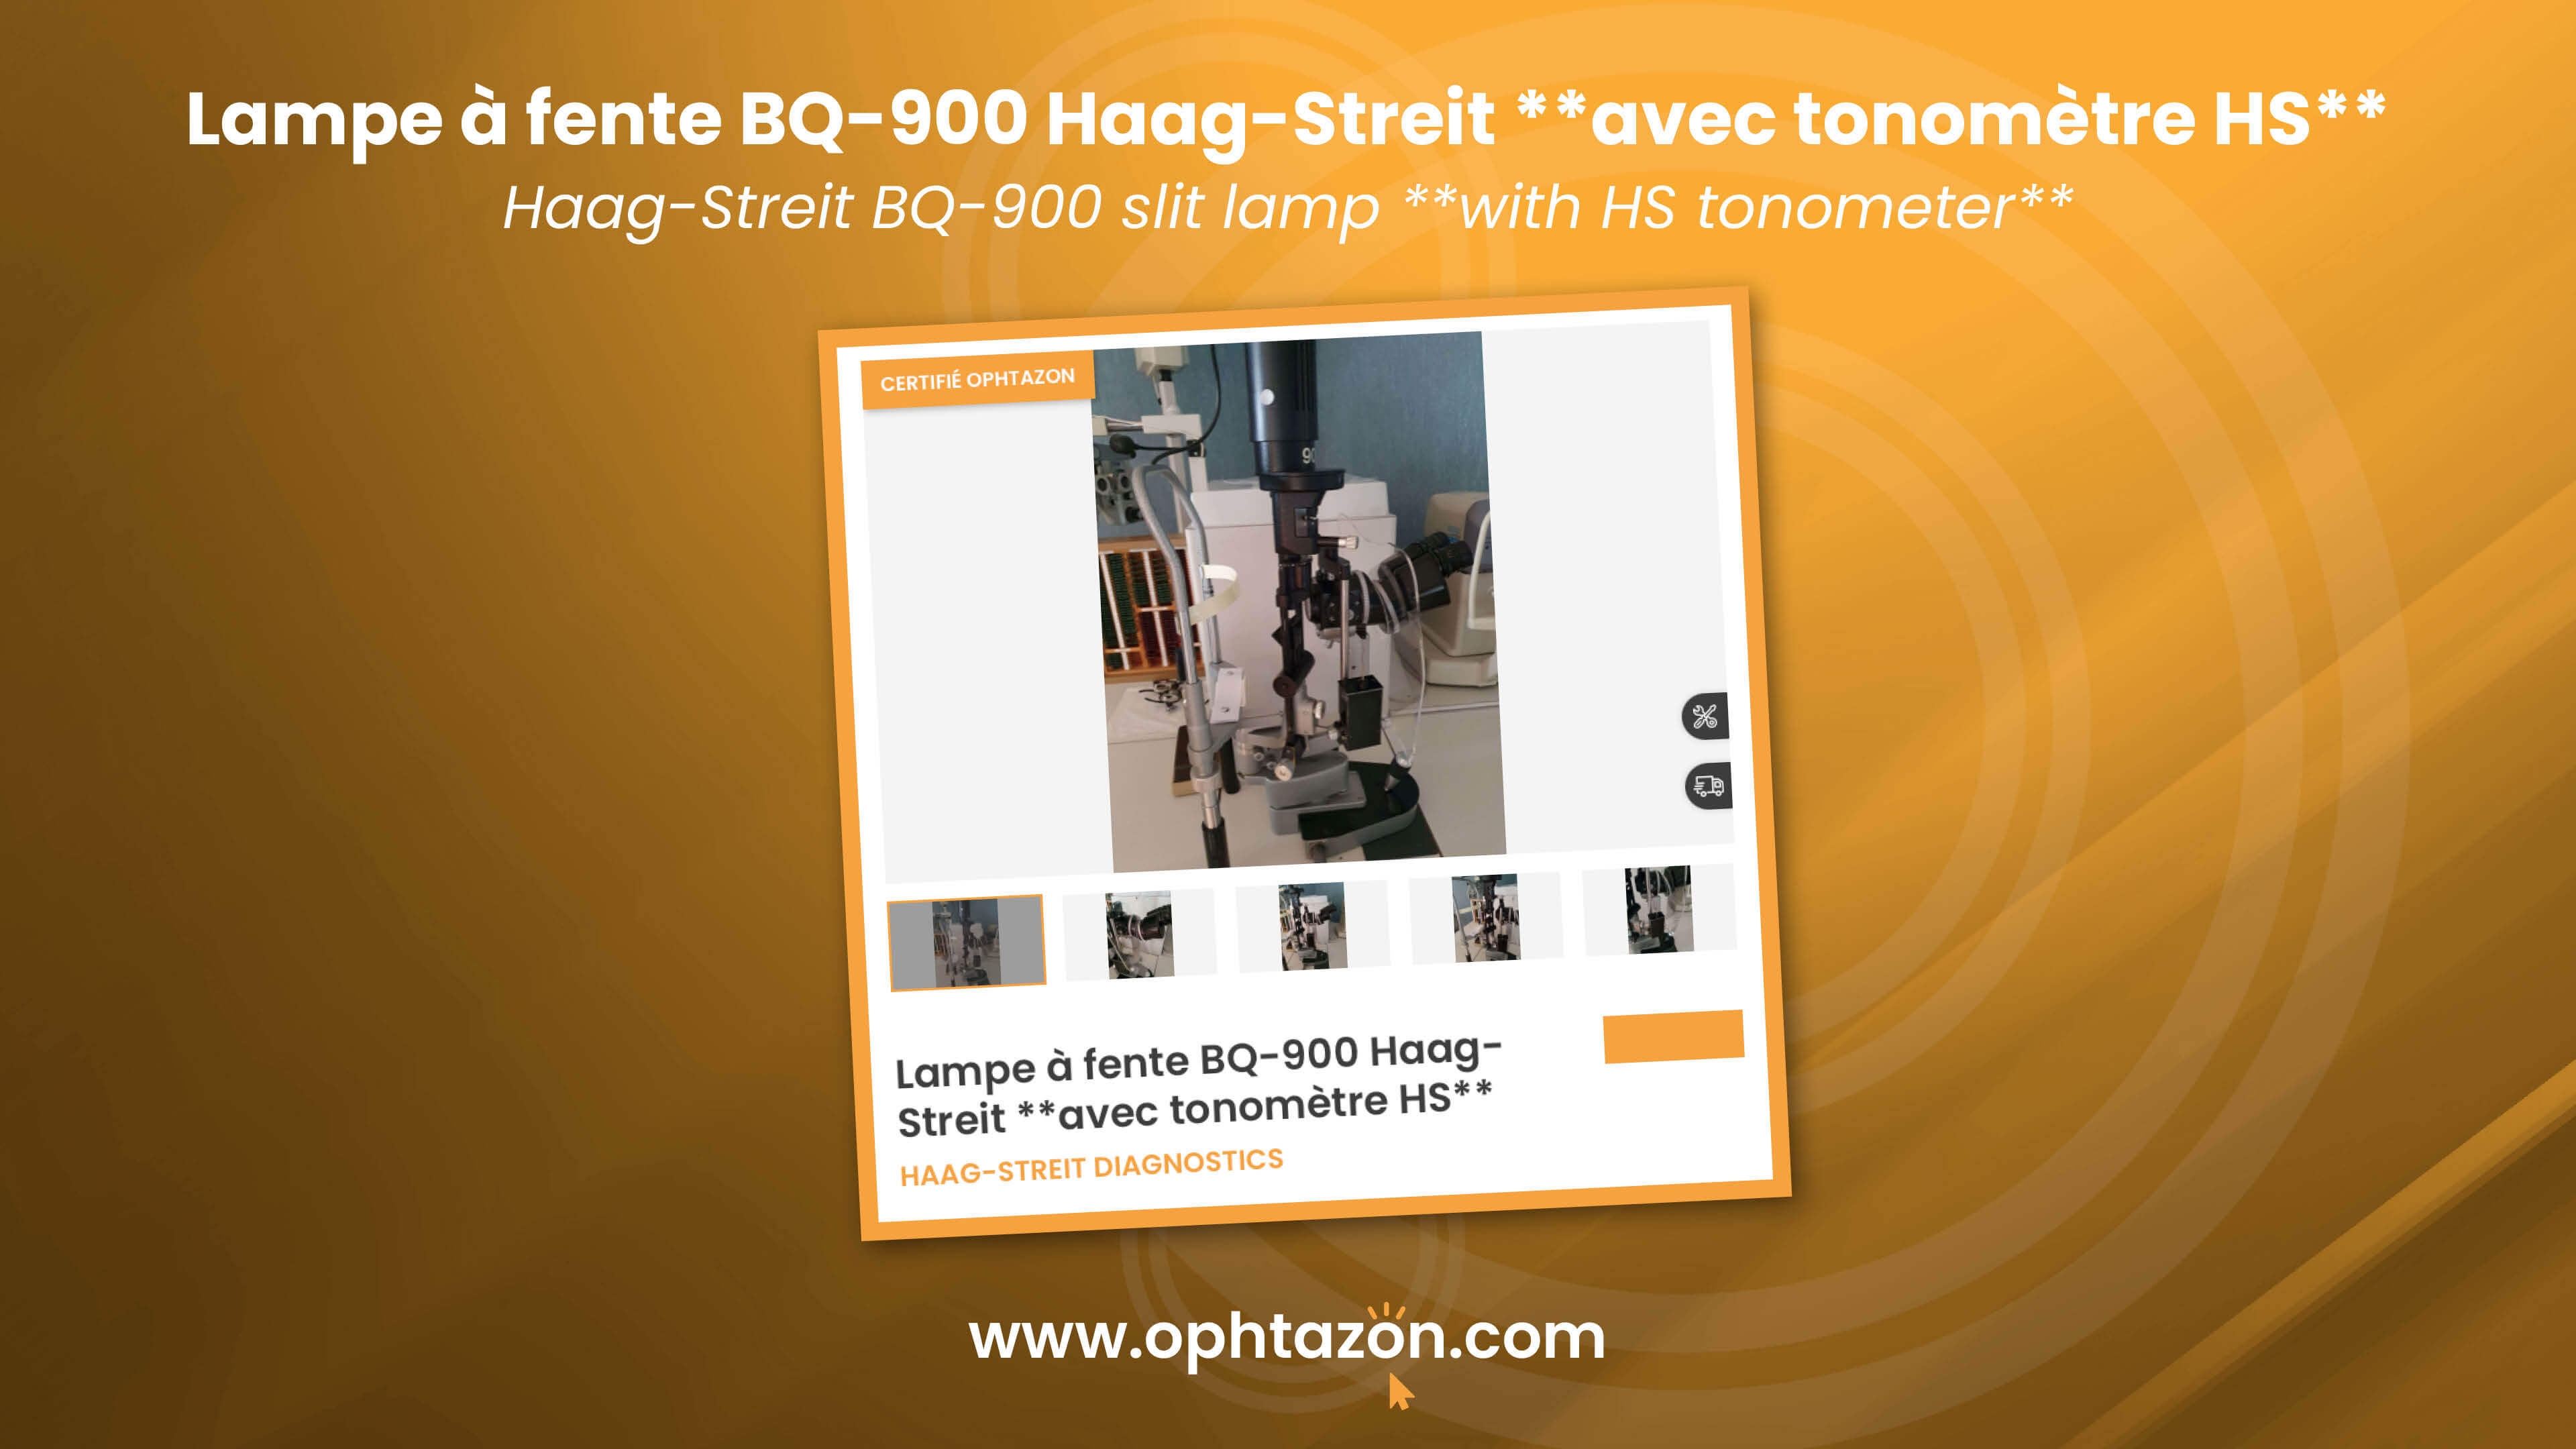 La lampe à fente BQ 900 Haag Streit est disponible chez OPHTAZON